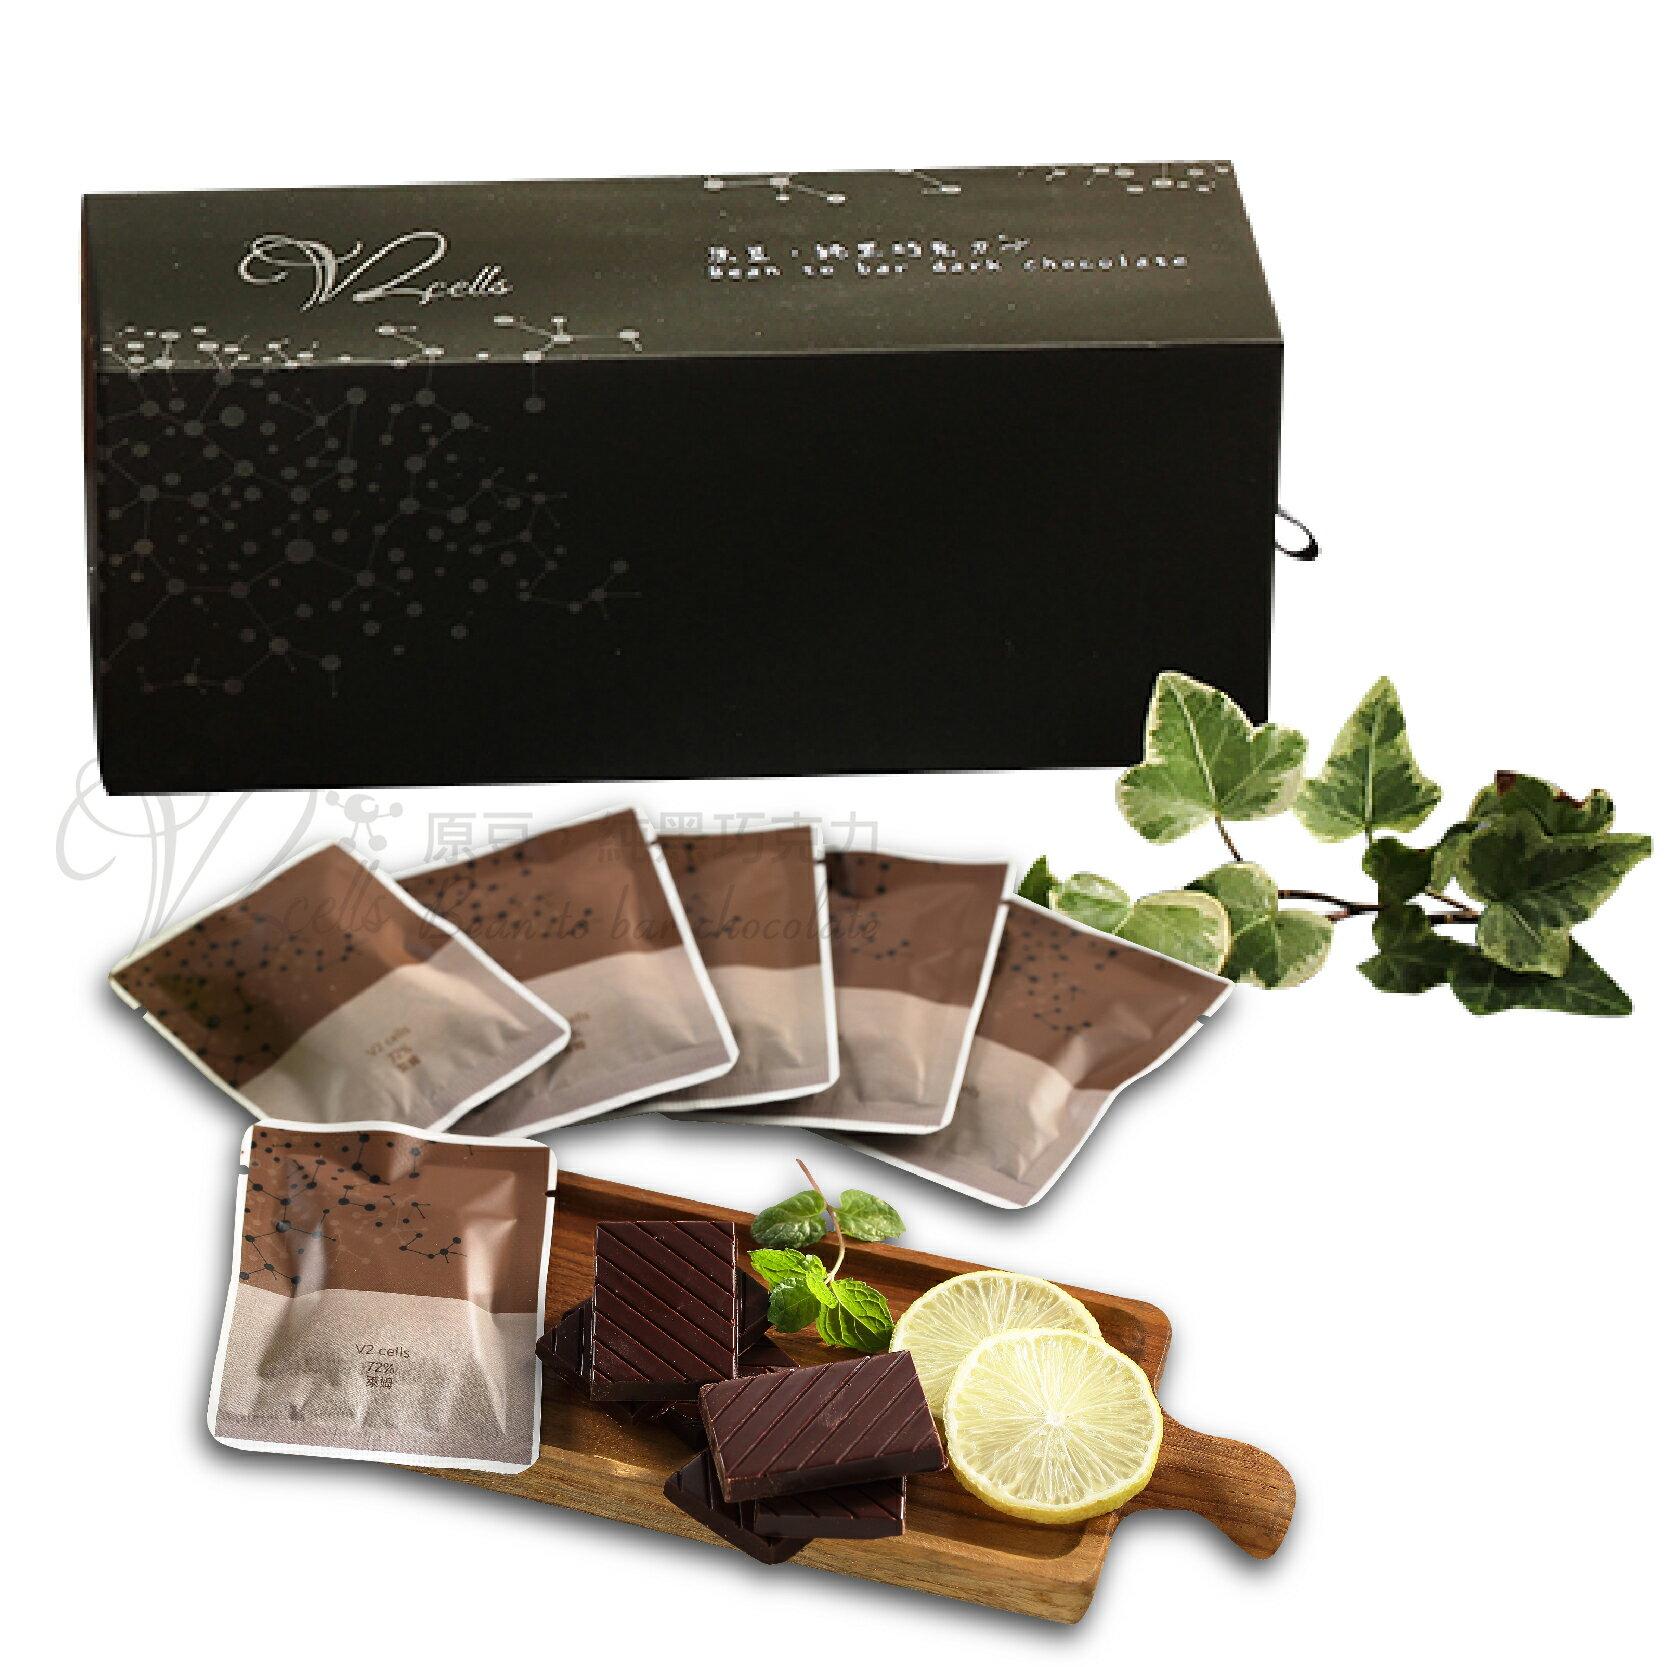 72%萊姆黑巧克力  12入/盒 35入/盒 純可可豆製成,熟成滿3個月